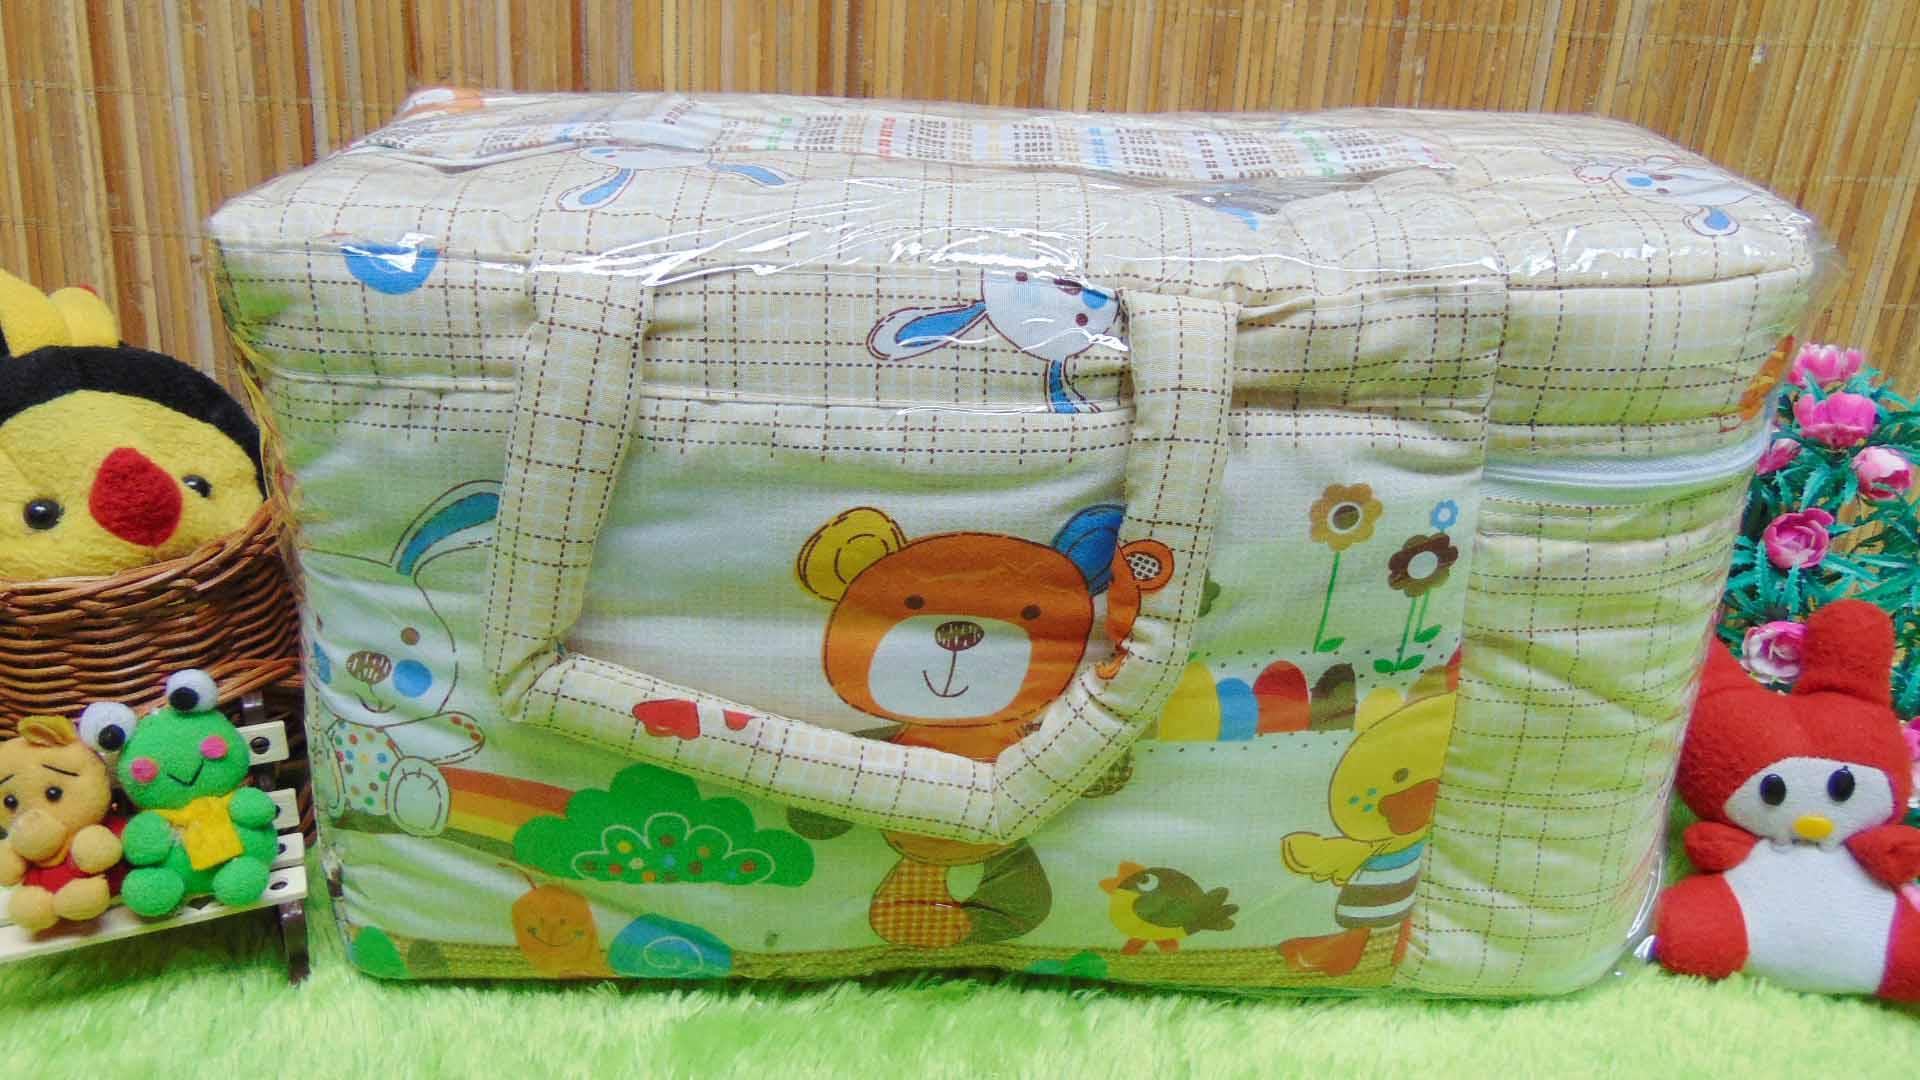 kado bayi tas perlengkapan bayi motif beruang kotak cokelat dengan wadah botol susu tahan panas dingin 65 praktis dibawa, motif lucu, cocok untuk kado,dimensi 40x17x23cm